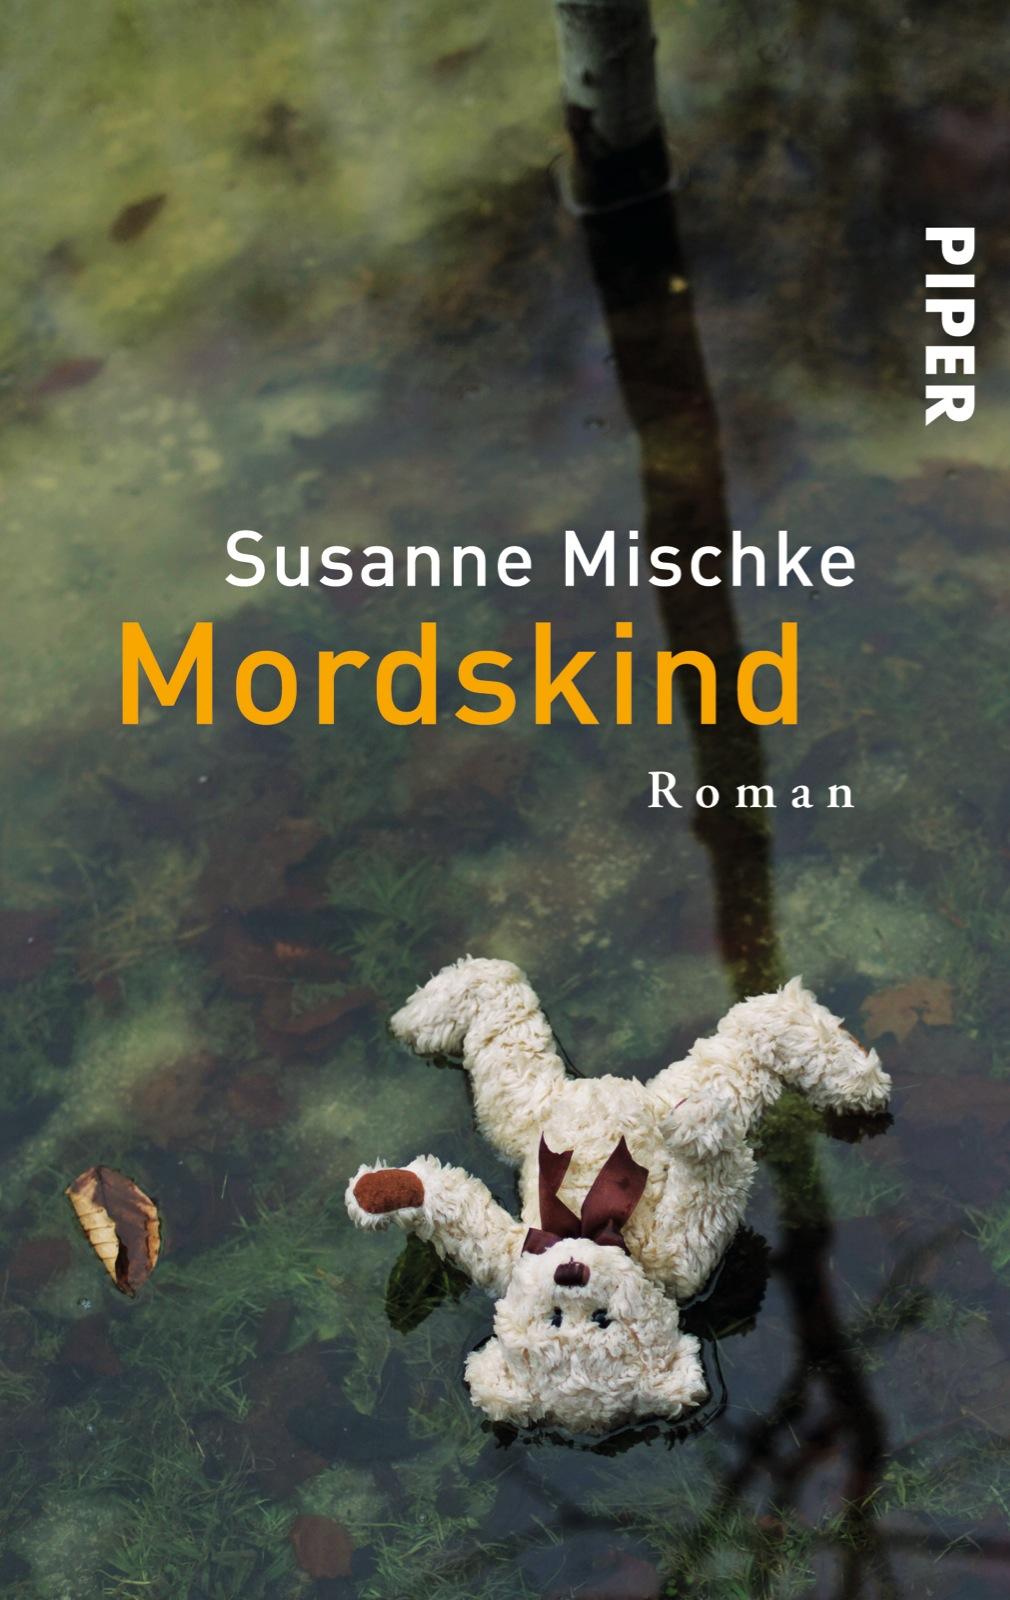 Mordskind - Susanne Mischke